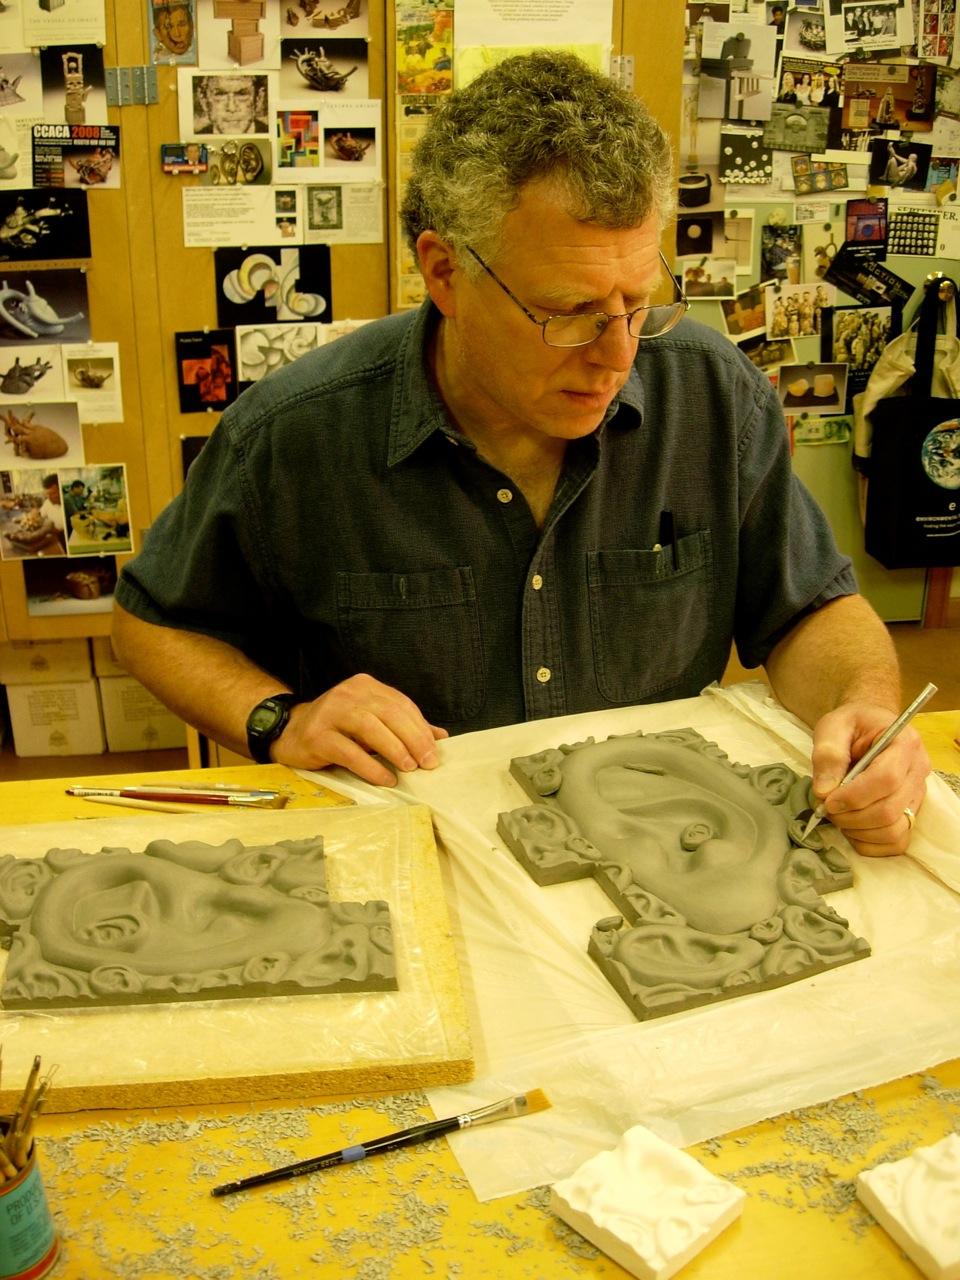 Richard notkin workshop